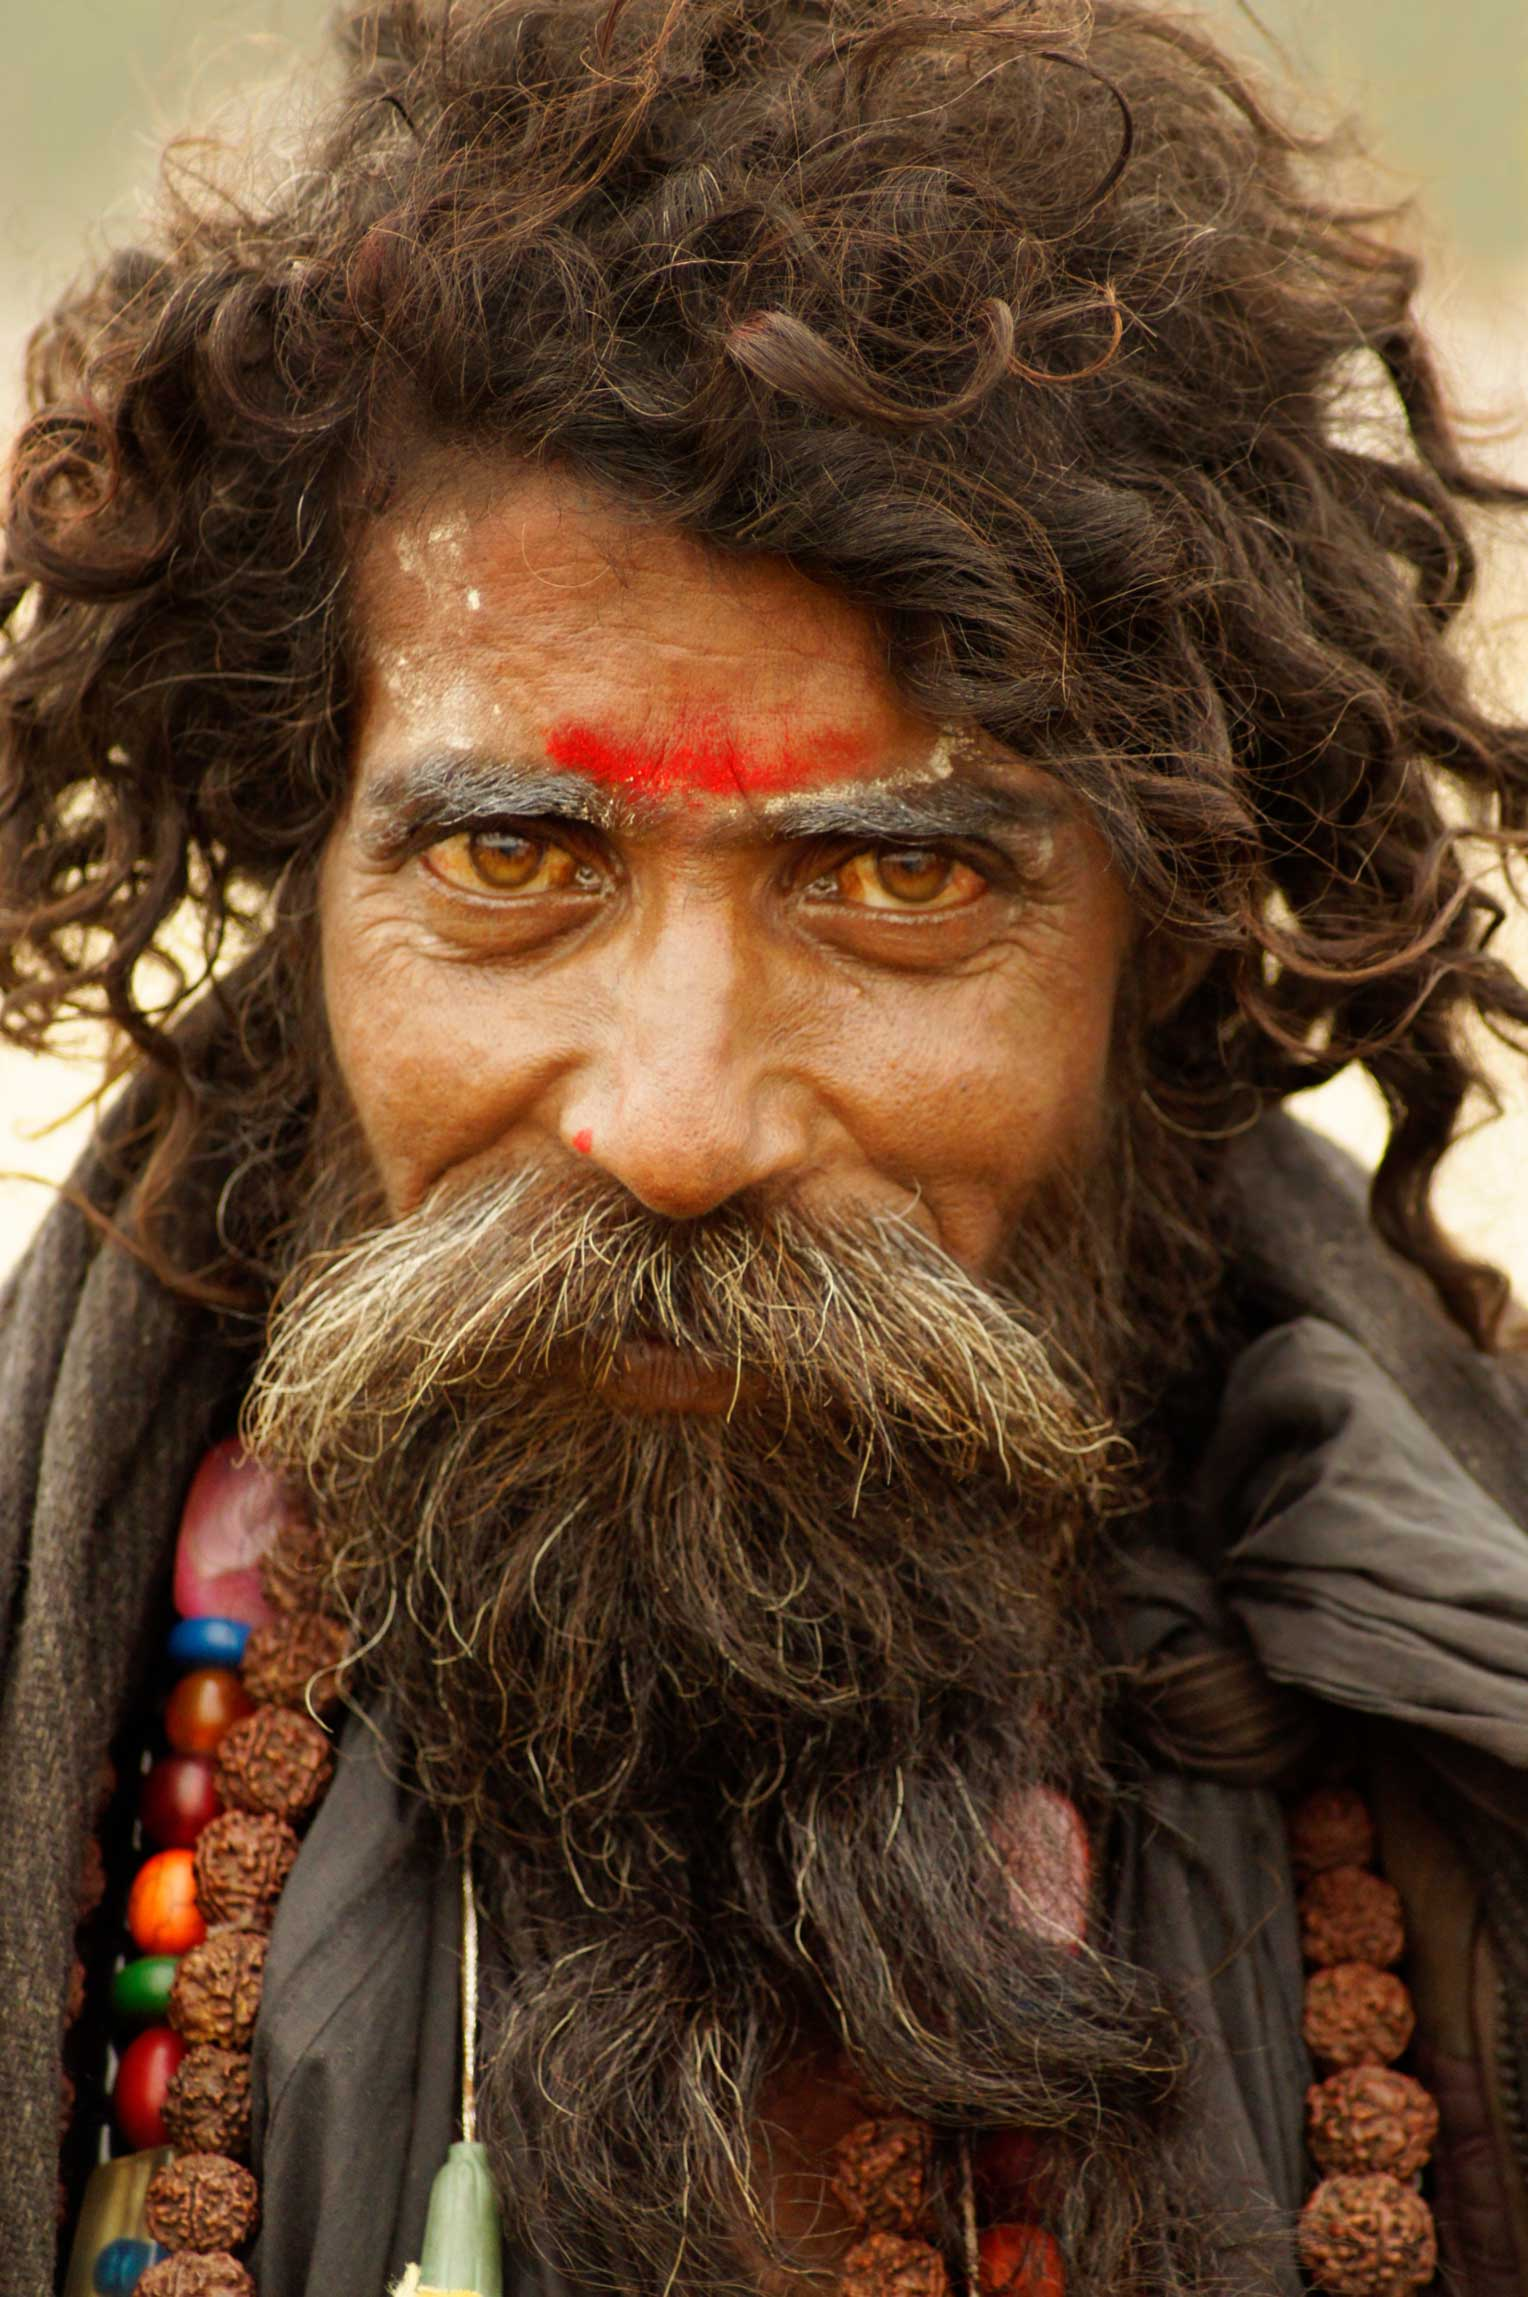 Indien-Febr.2013-(Phyllis-Bilder)-1308